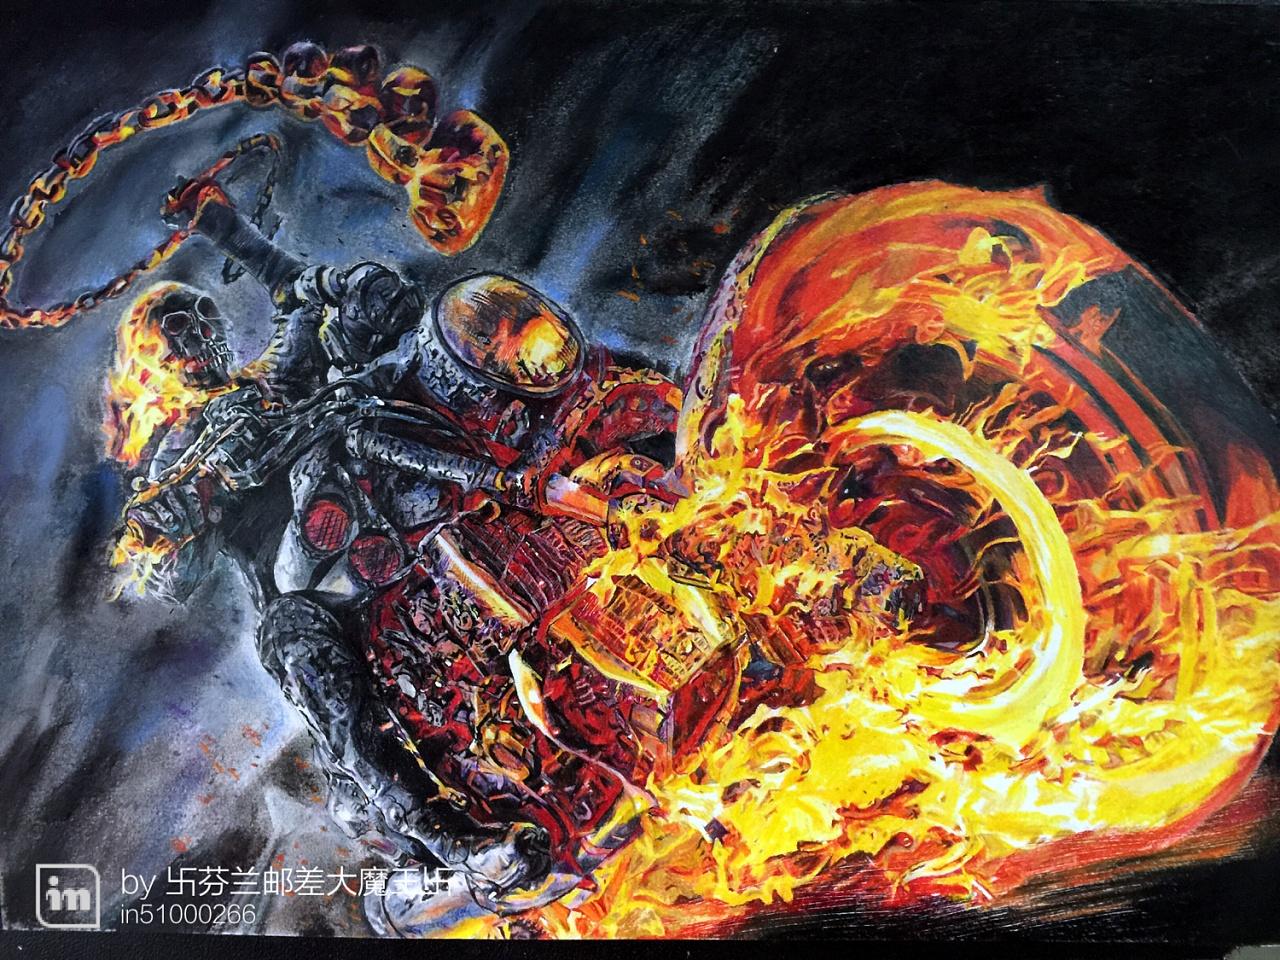 邮差彩铅手绘—恶灵骑士